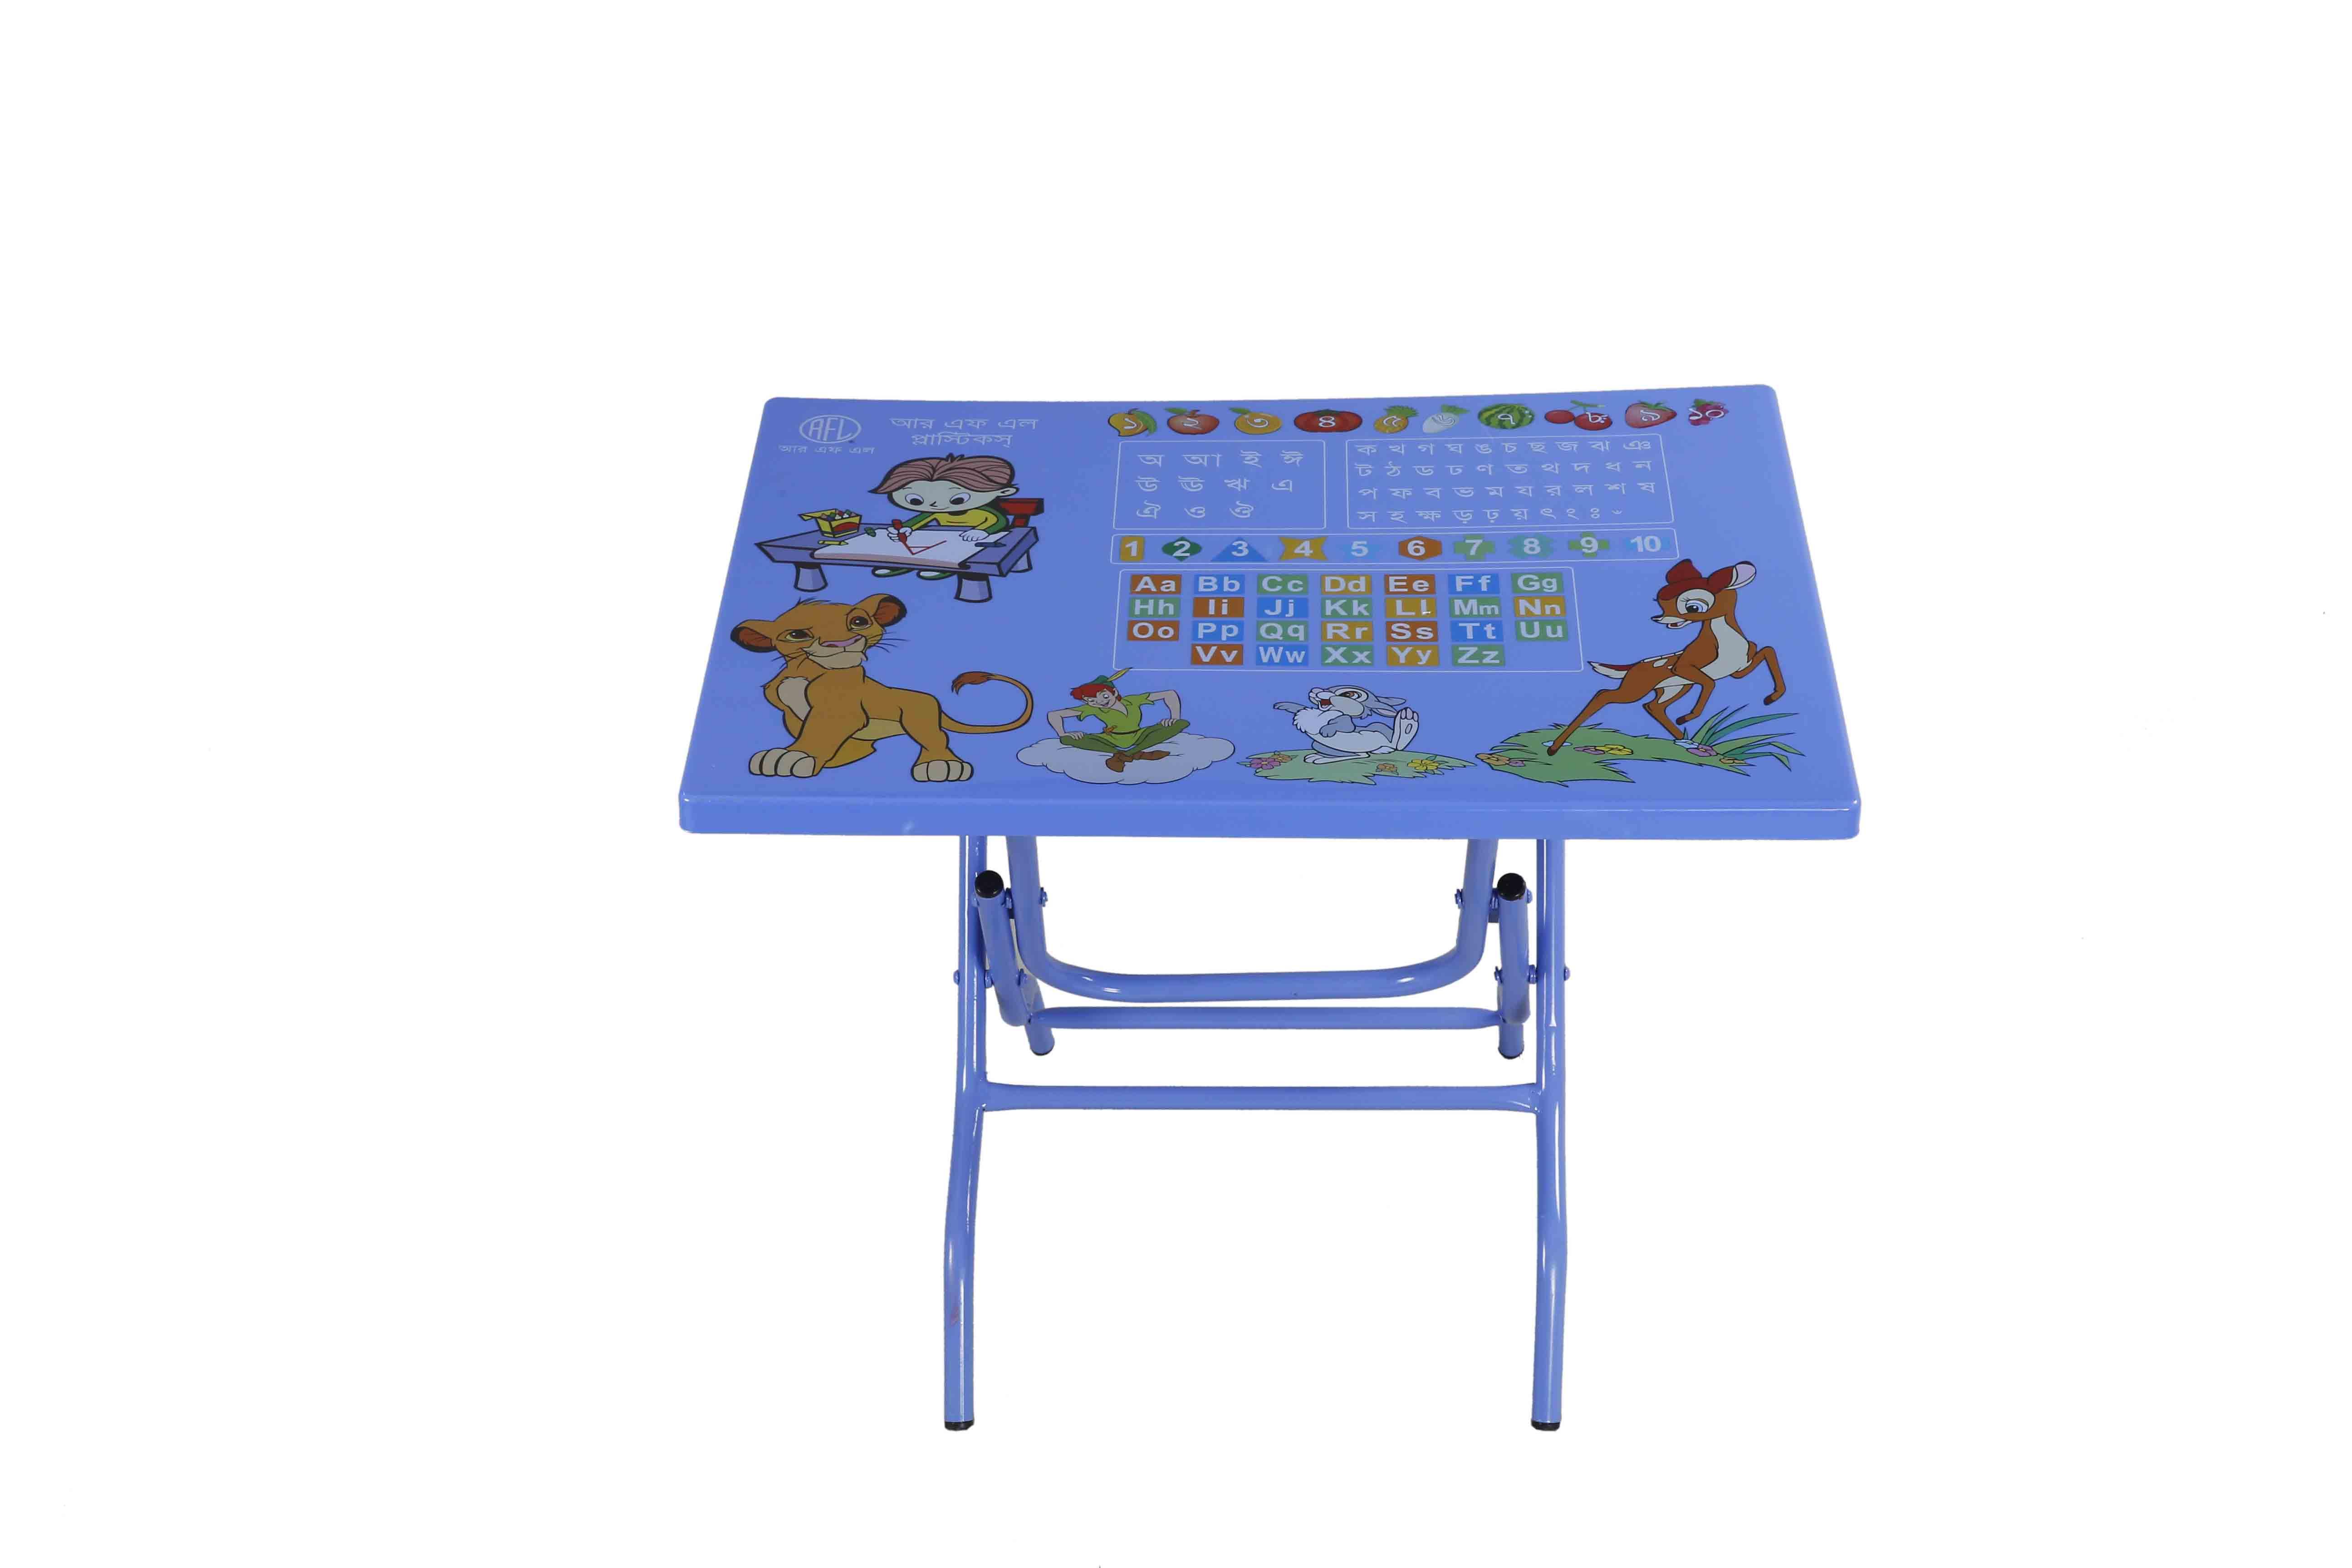 Baby Reading Table StLeg Kidstar-Parrot Green